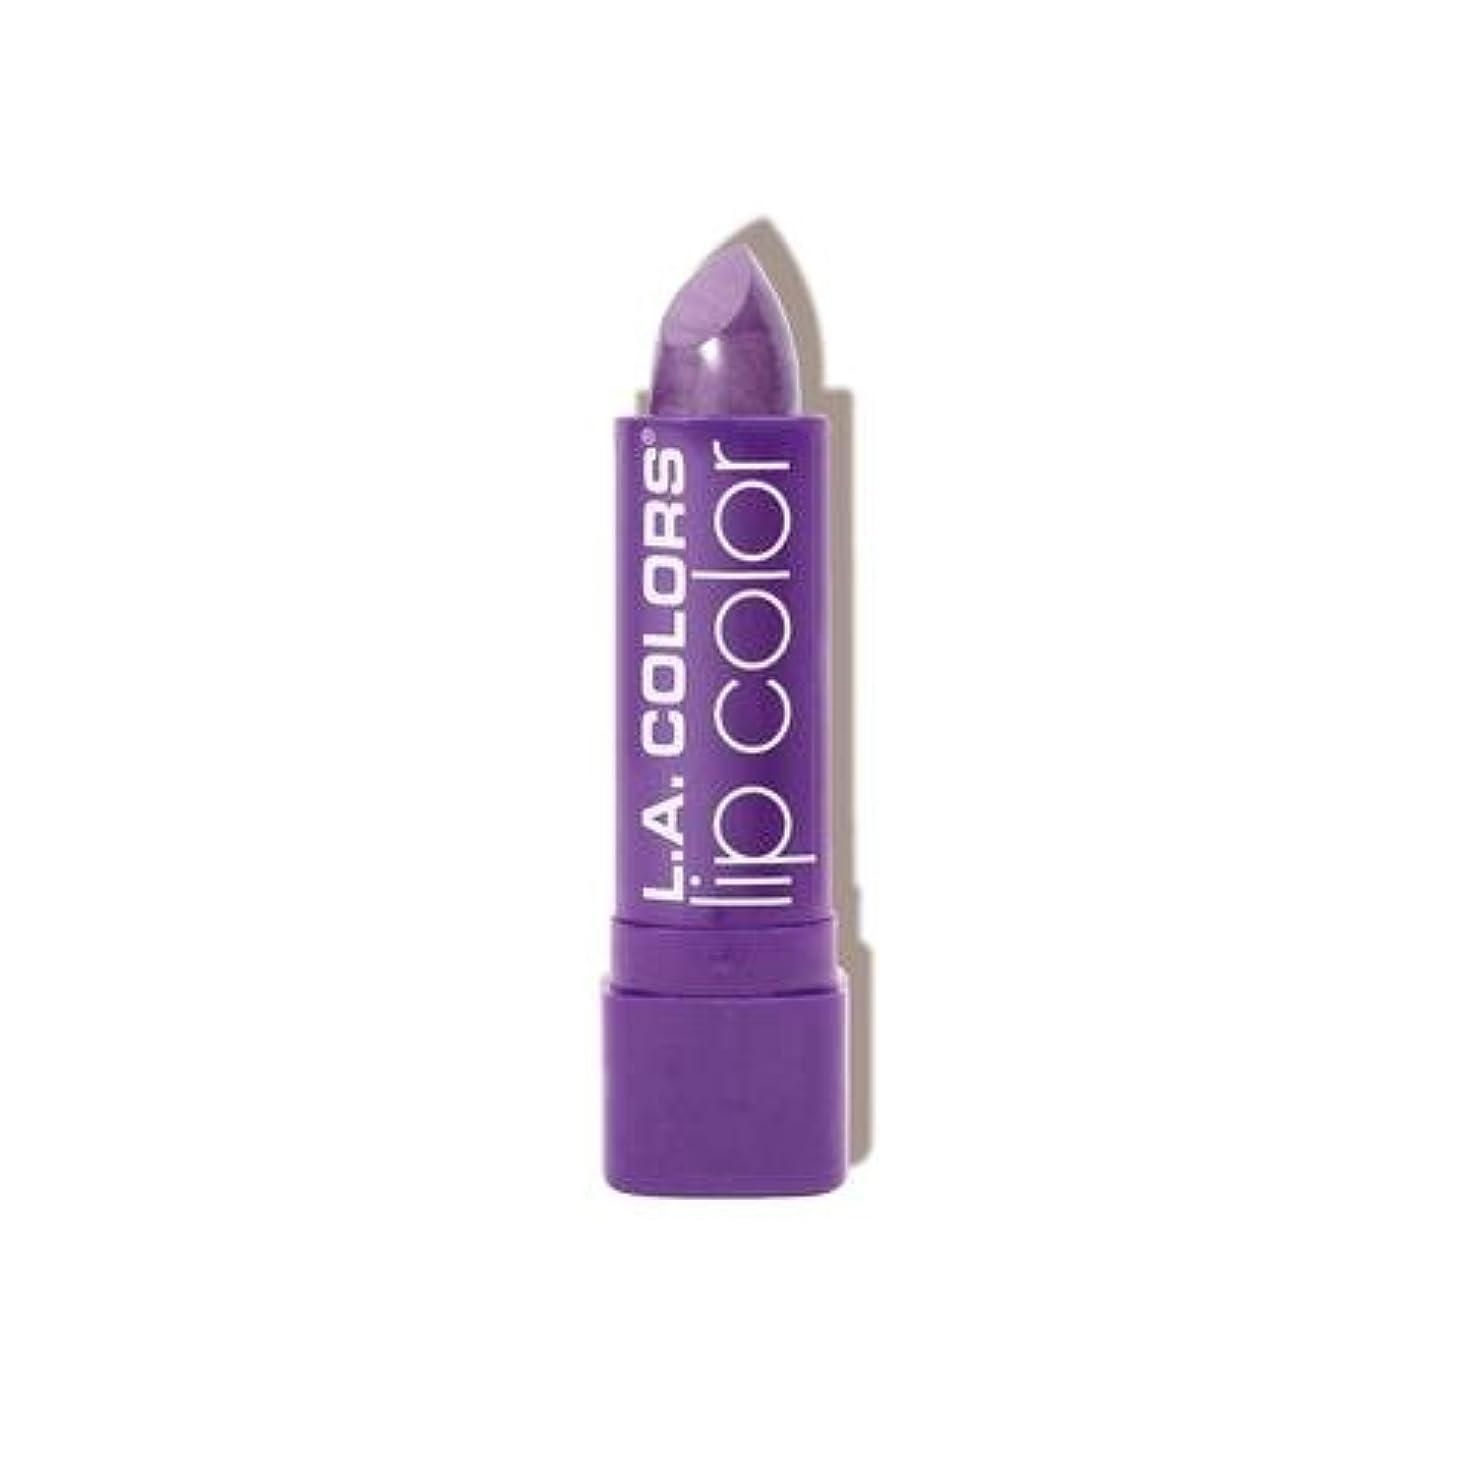 持っている道決定する(6 Pack) L.A. COLORS Moisture Rich Lip Color - Grape Crush (並行輸入品)